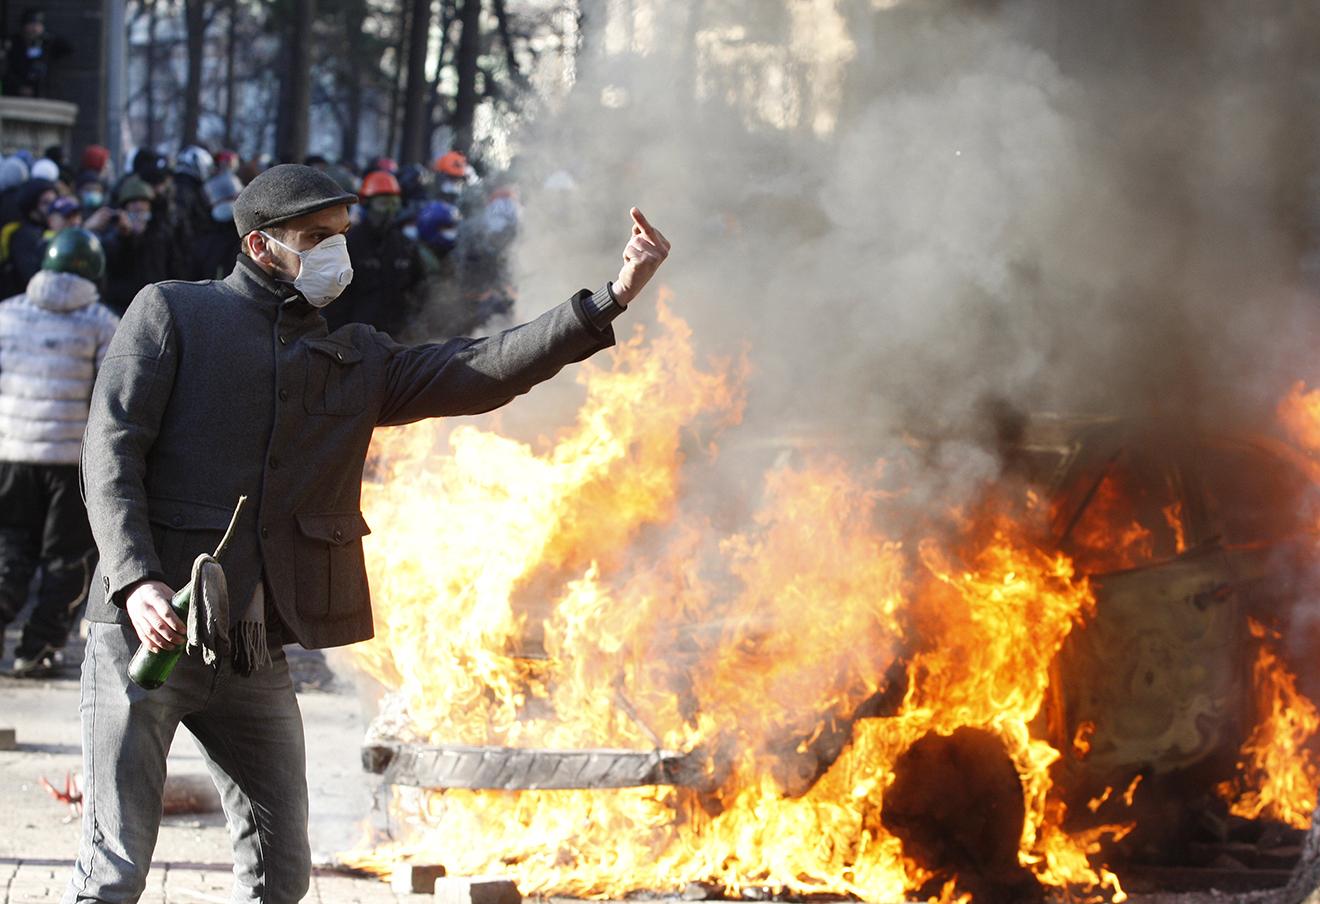 Во время столкновения сторонников оппозиции с военнослужащими внутренних войск МВД Украины у здания Верховной Рады, 18 февраля 2014 года.